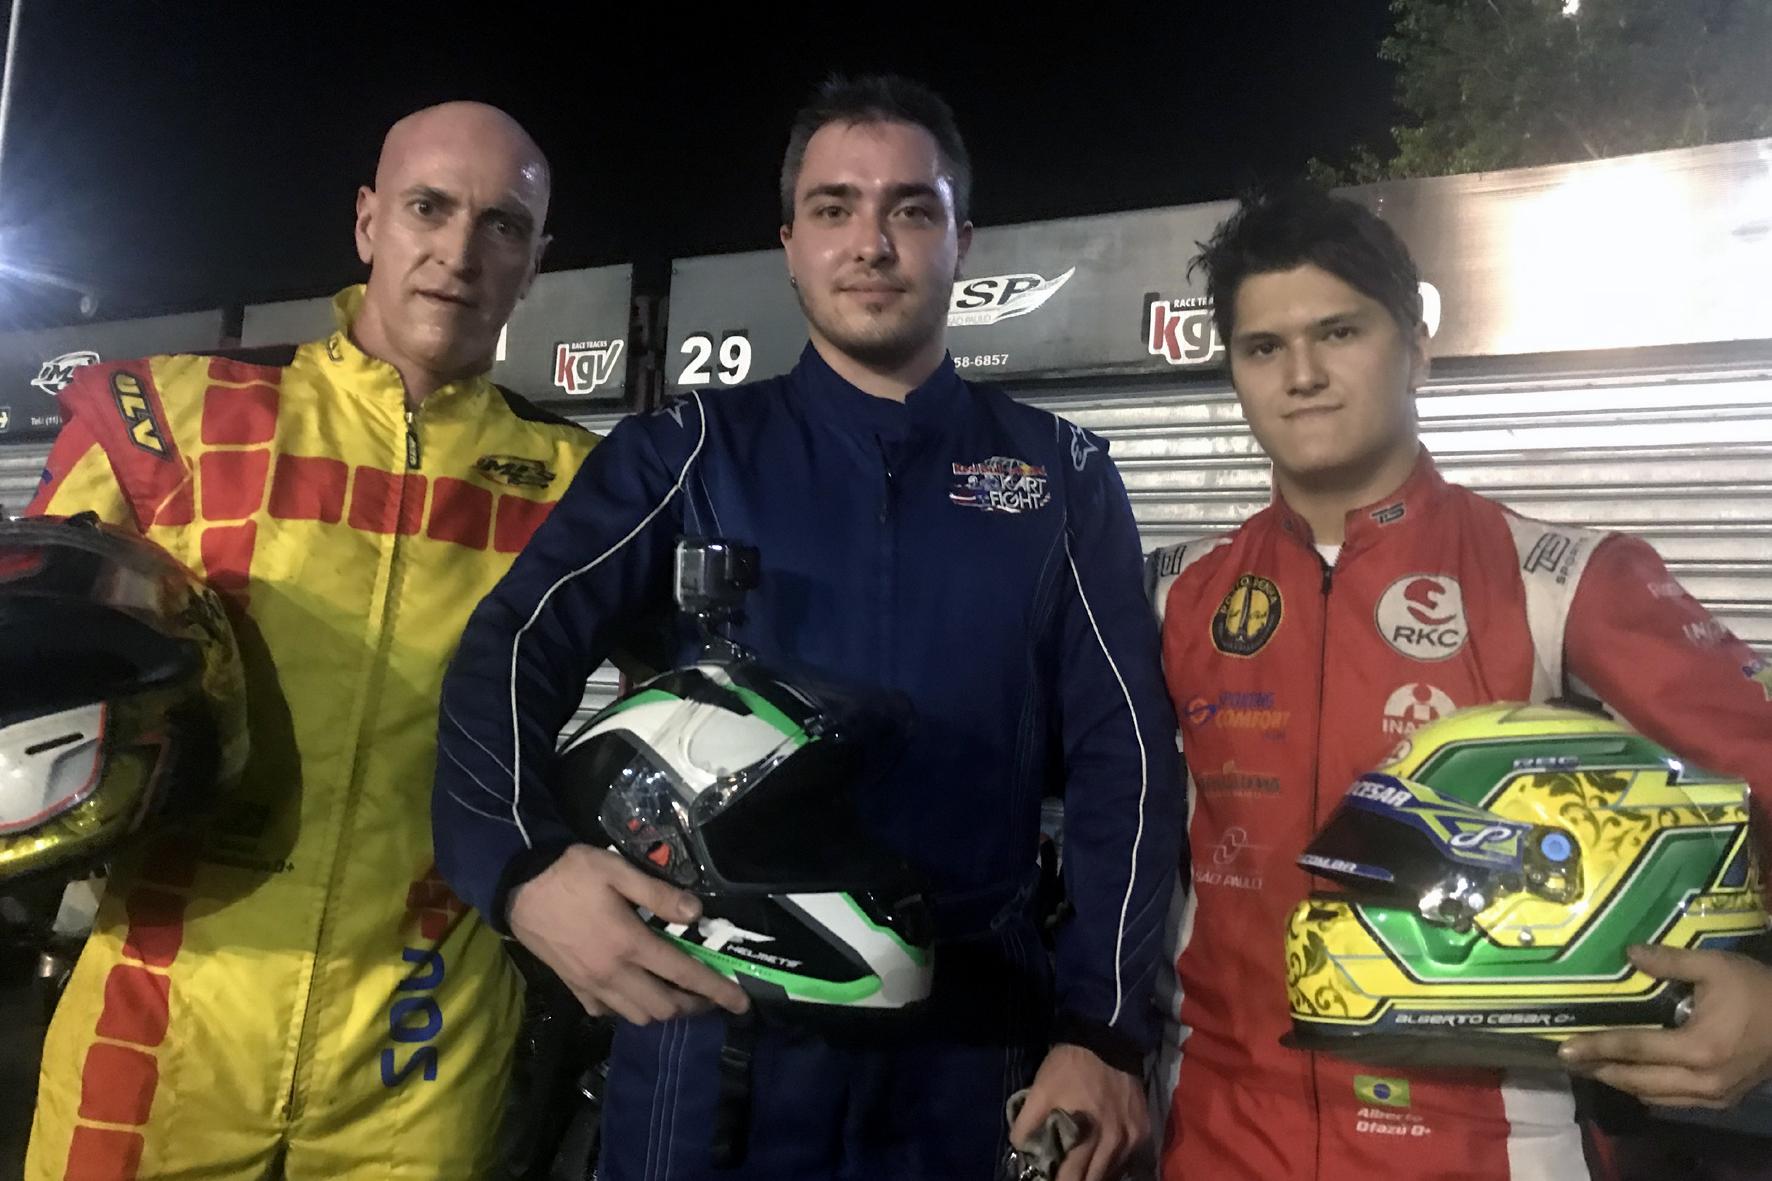 Photo of Kart – Akasp: Bruno Biondo/Emílio de Bisceglie lideram turno após vitória